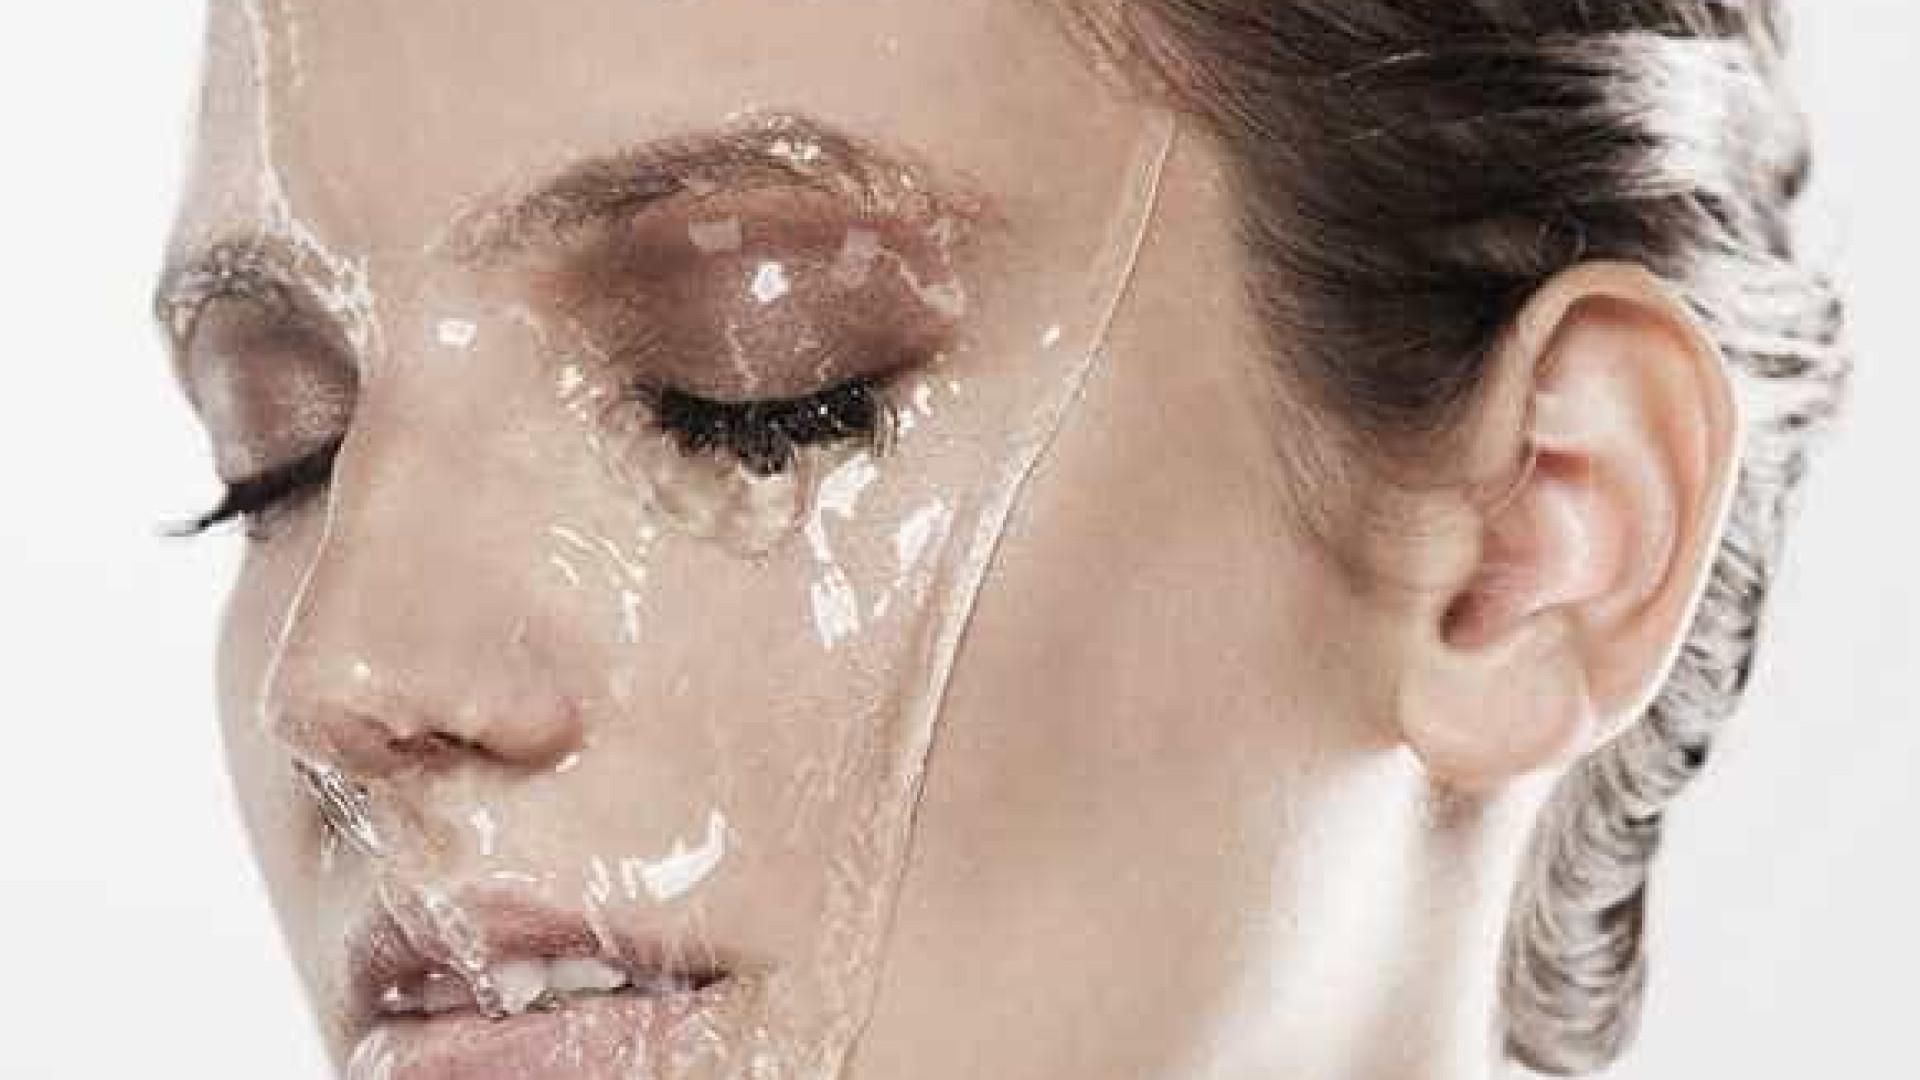 Cuidar da pele antes dos 20 ajuda a retardar manchas